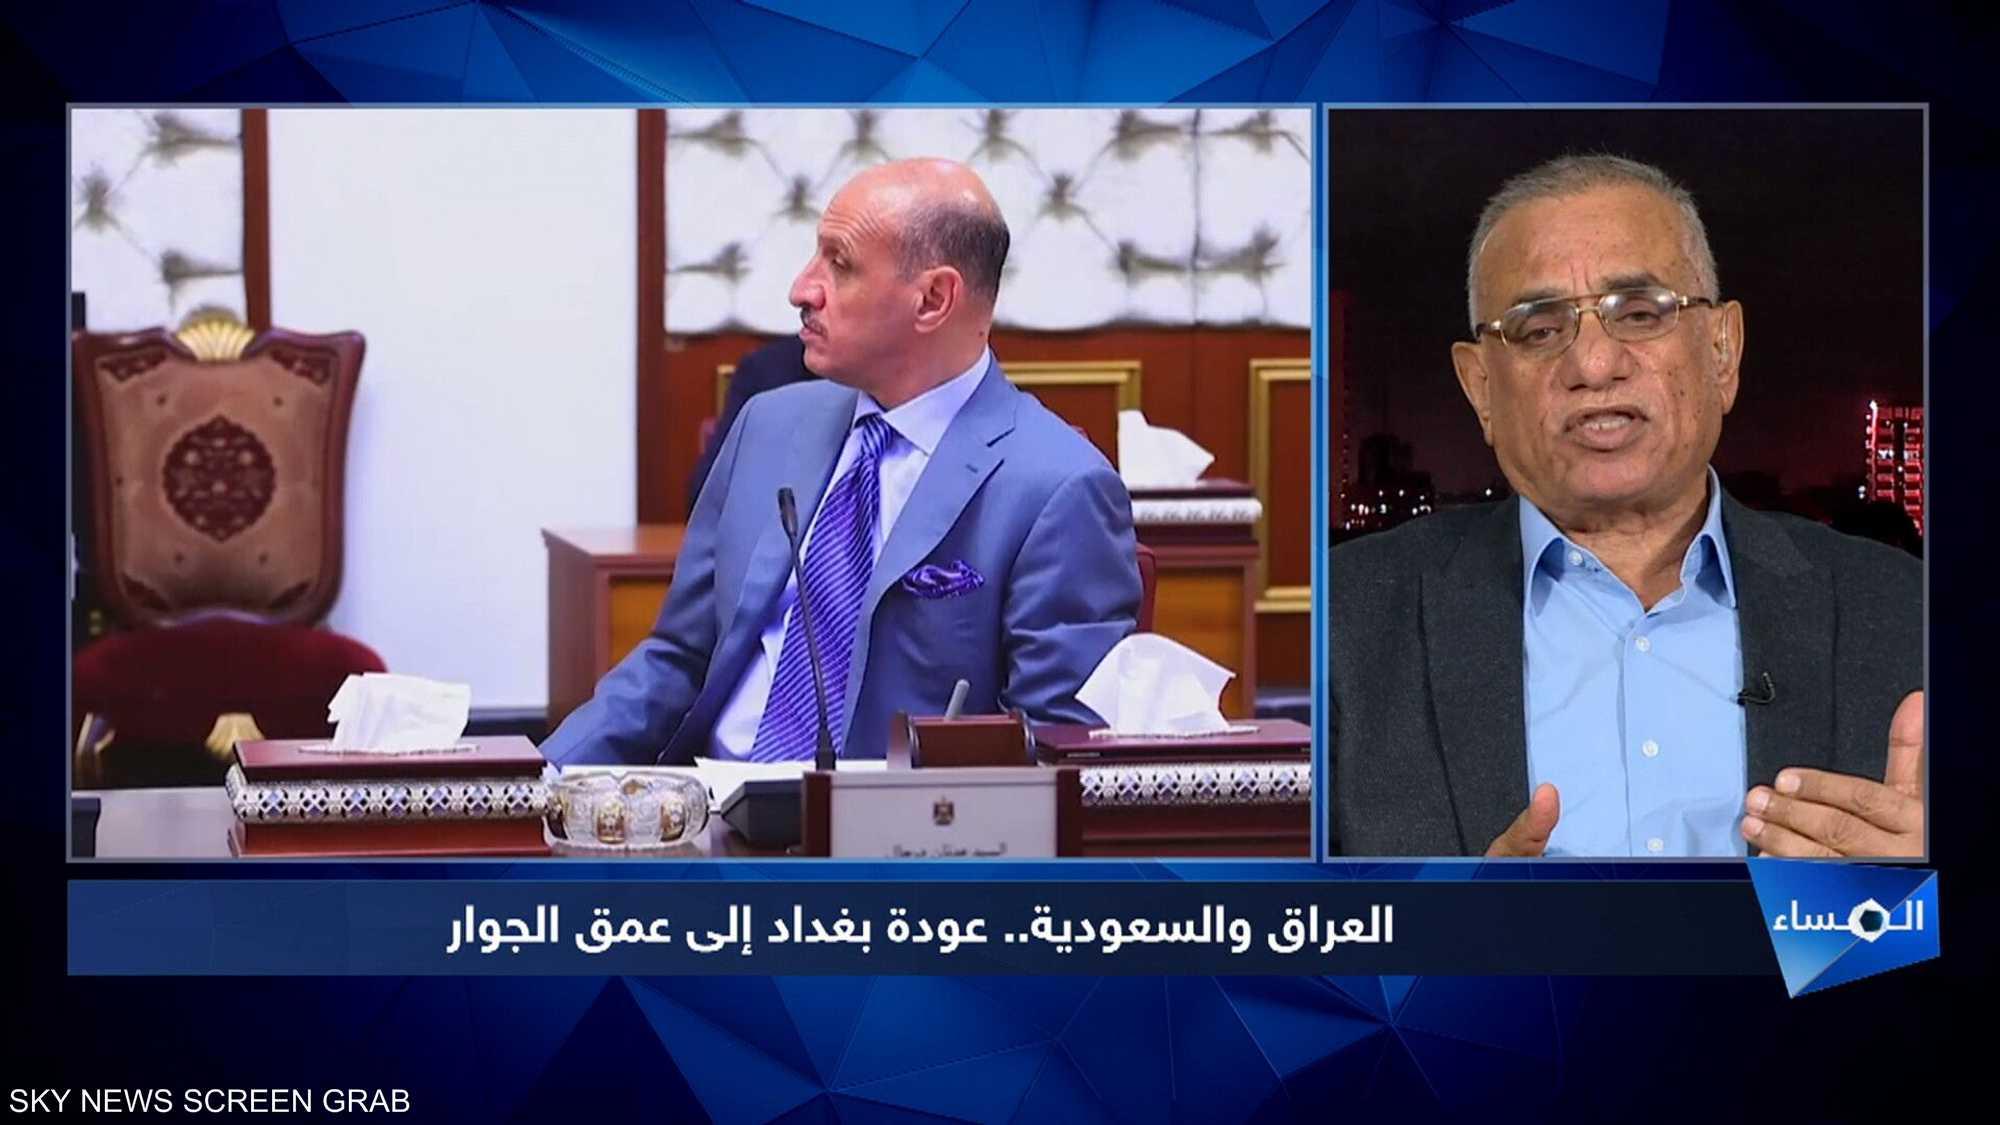 العراق والسعودية.. عودة بغداد إلى عمق الجوار